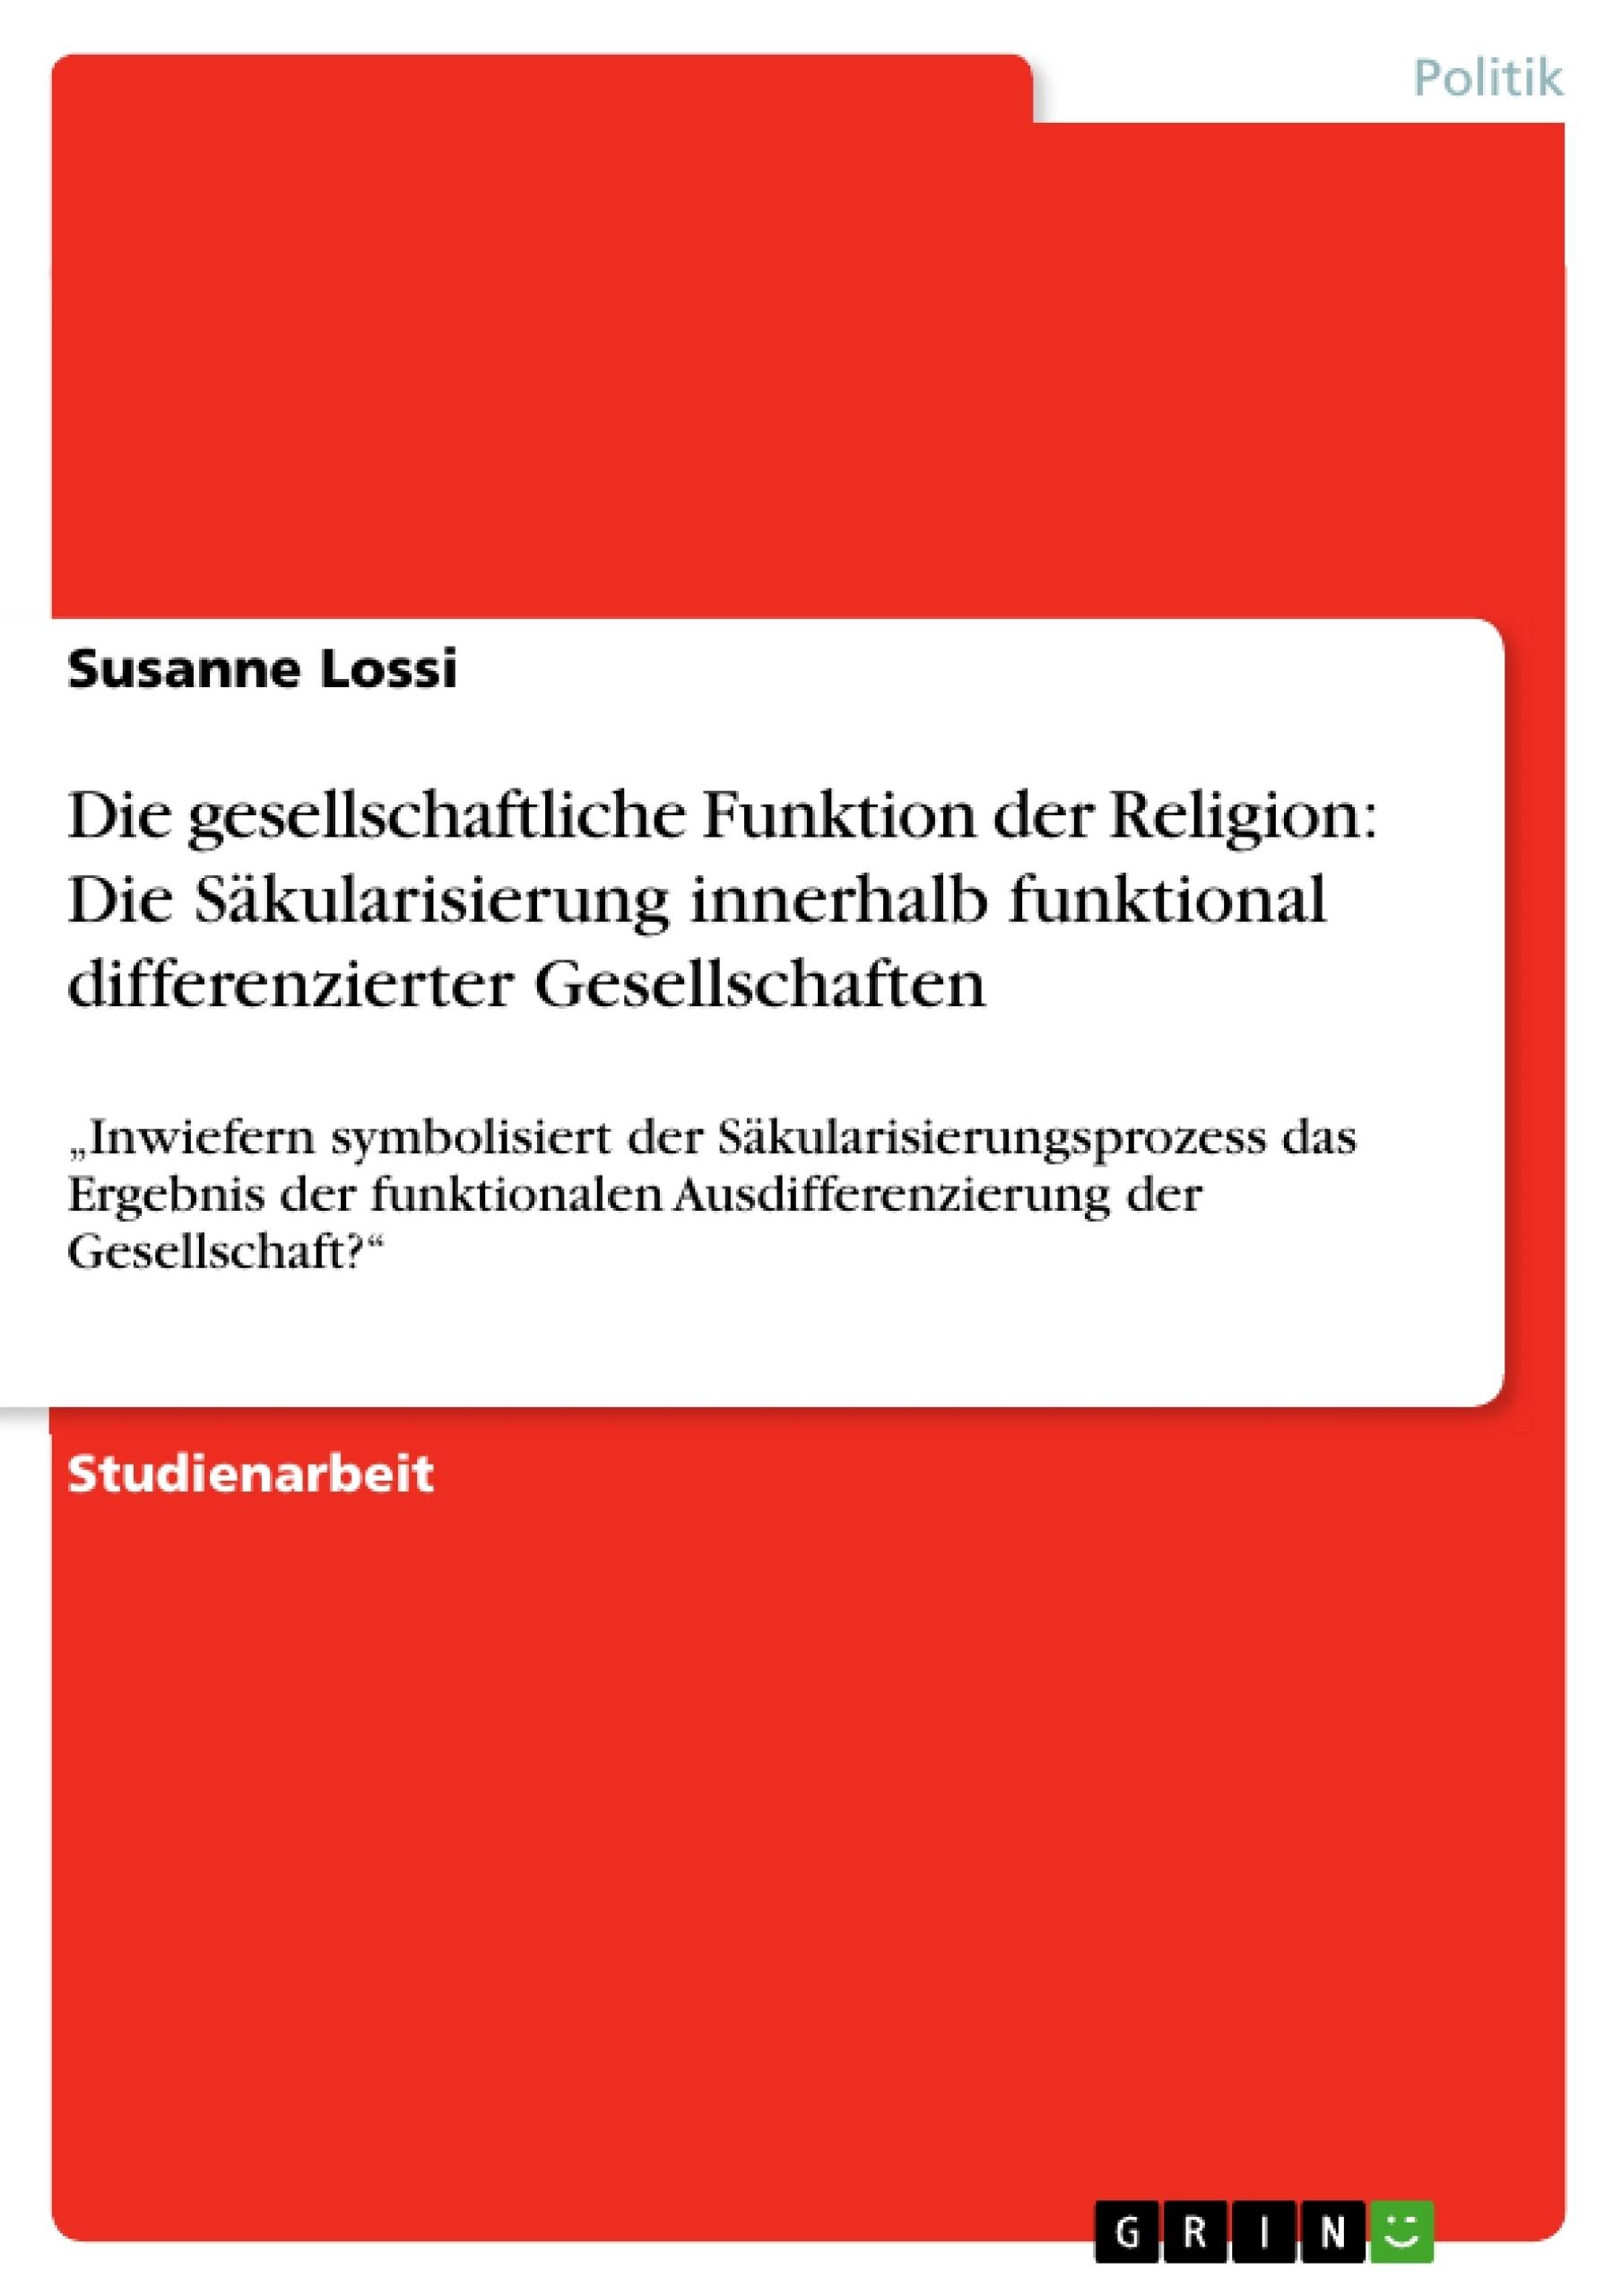 download La traducción simbólica de la crítica trascendental